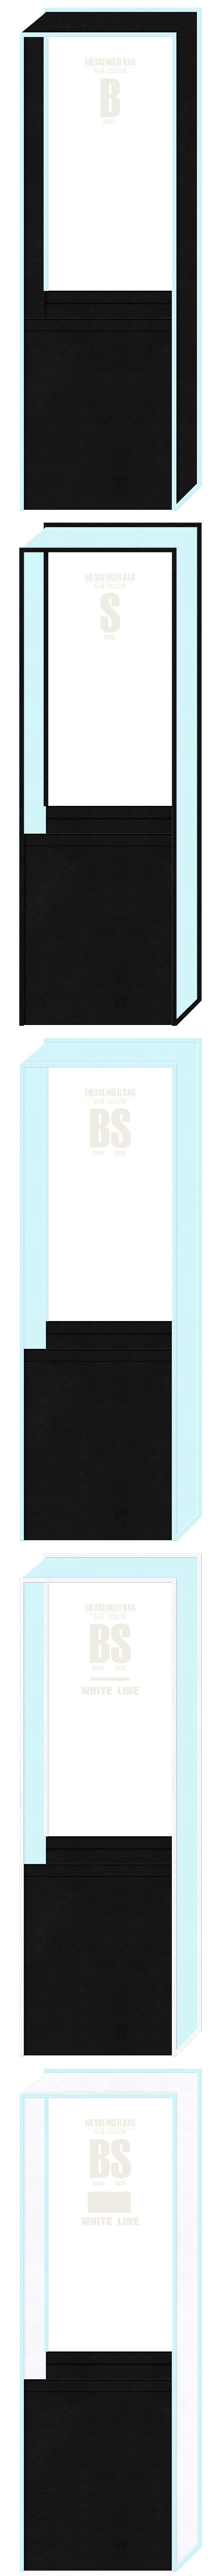 不織布メッセンジャーバッグのカラーシミュレーション(黒色・水色・白色)